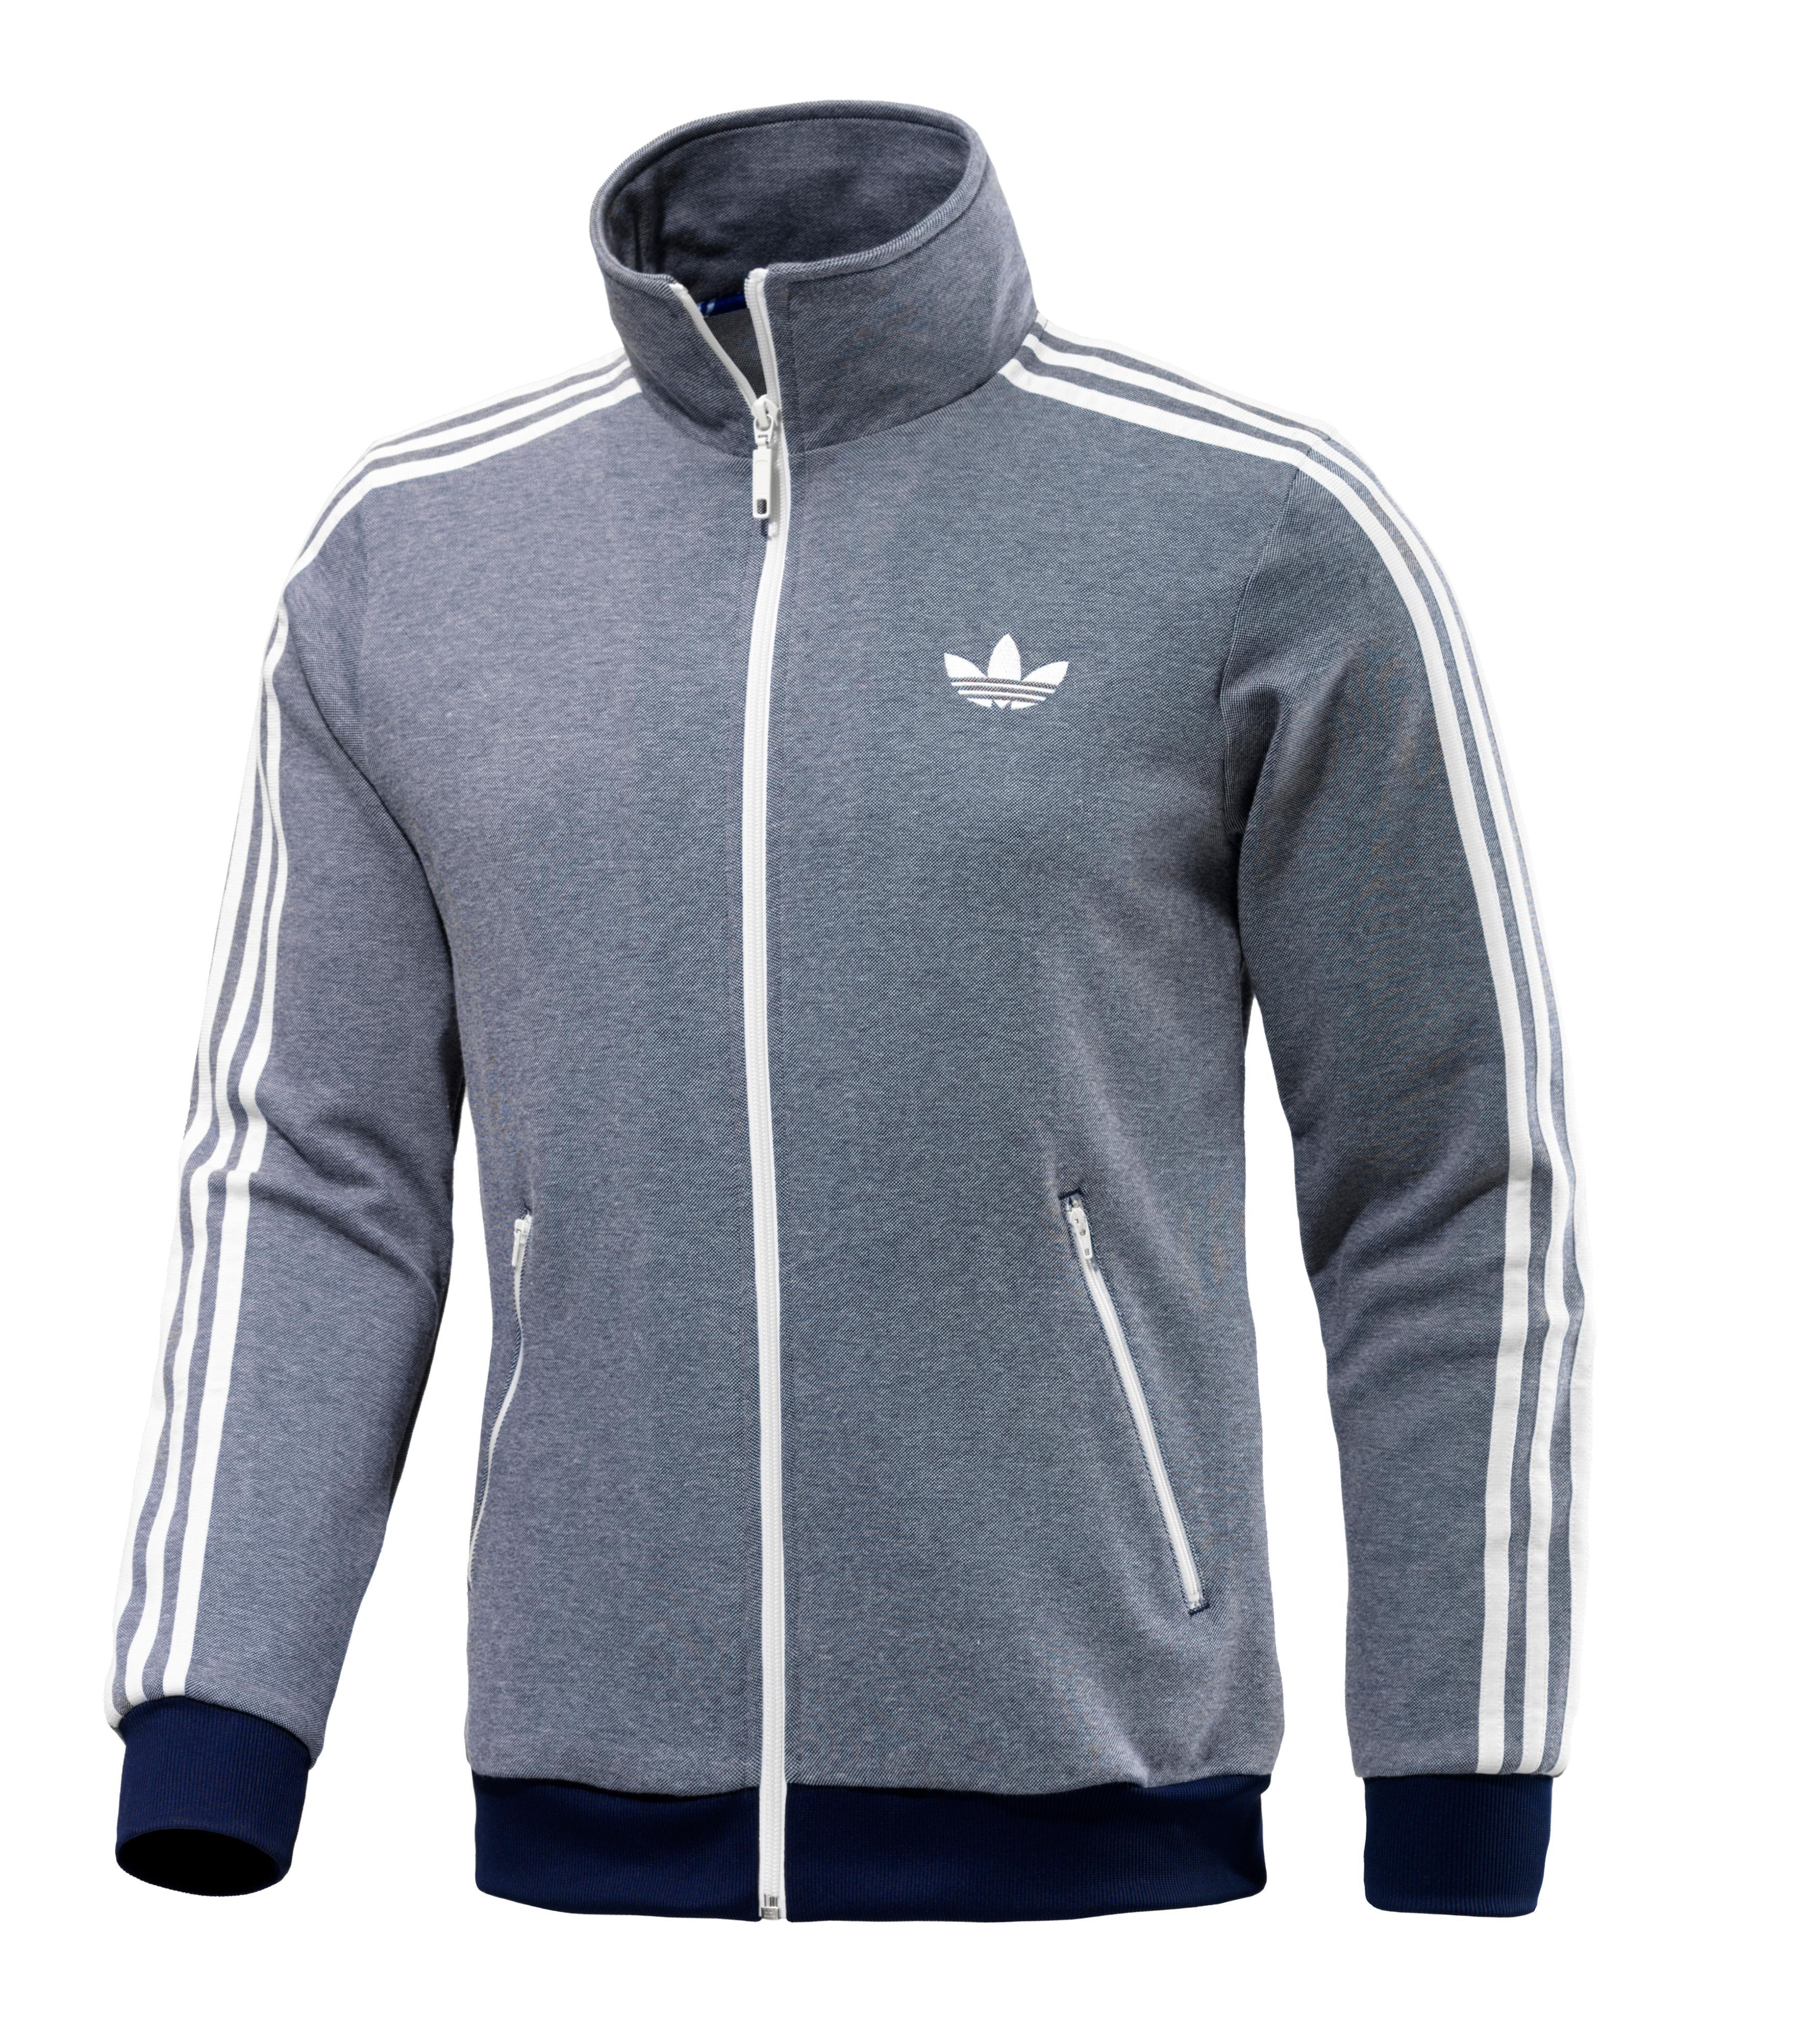 Adidas firebird jacke herren dunkelblau